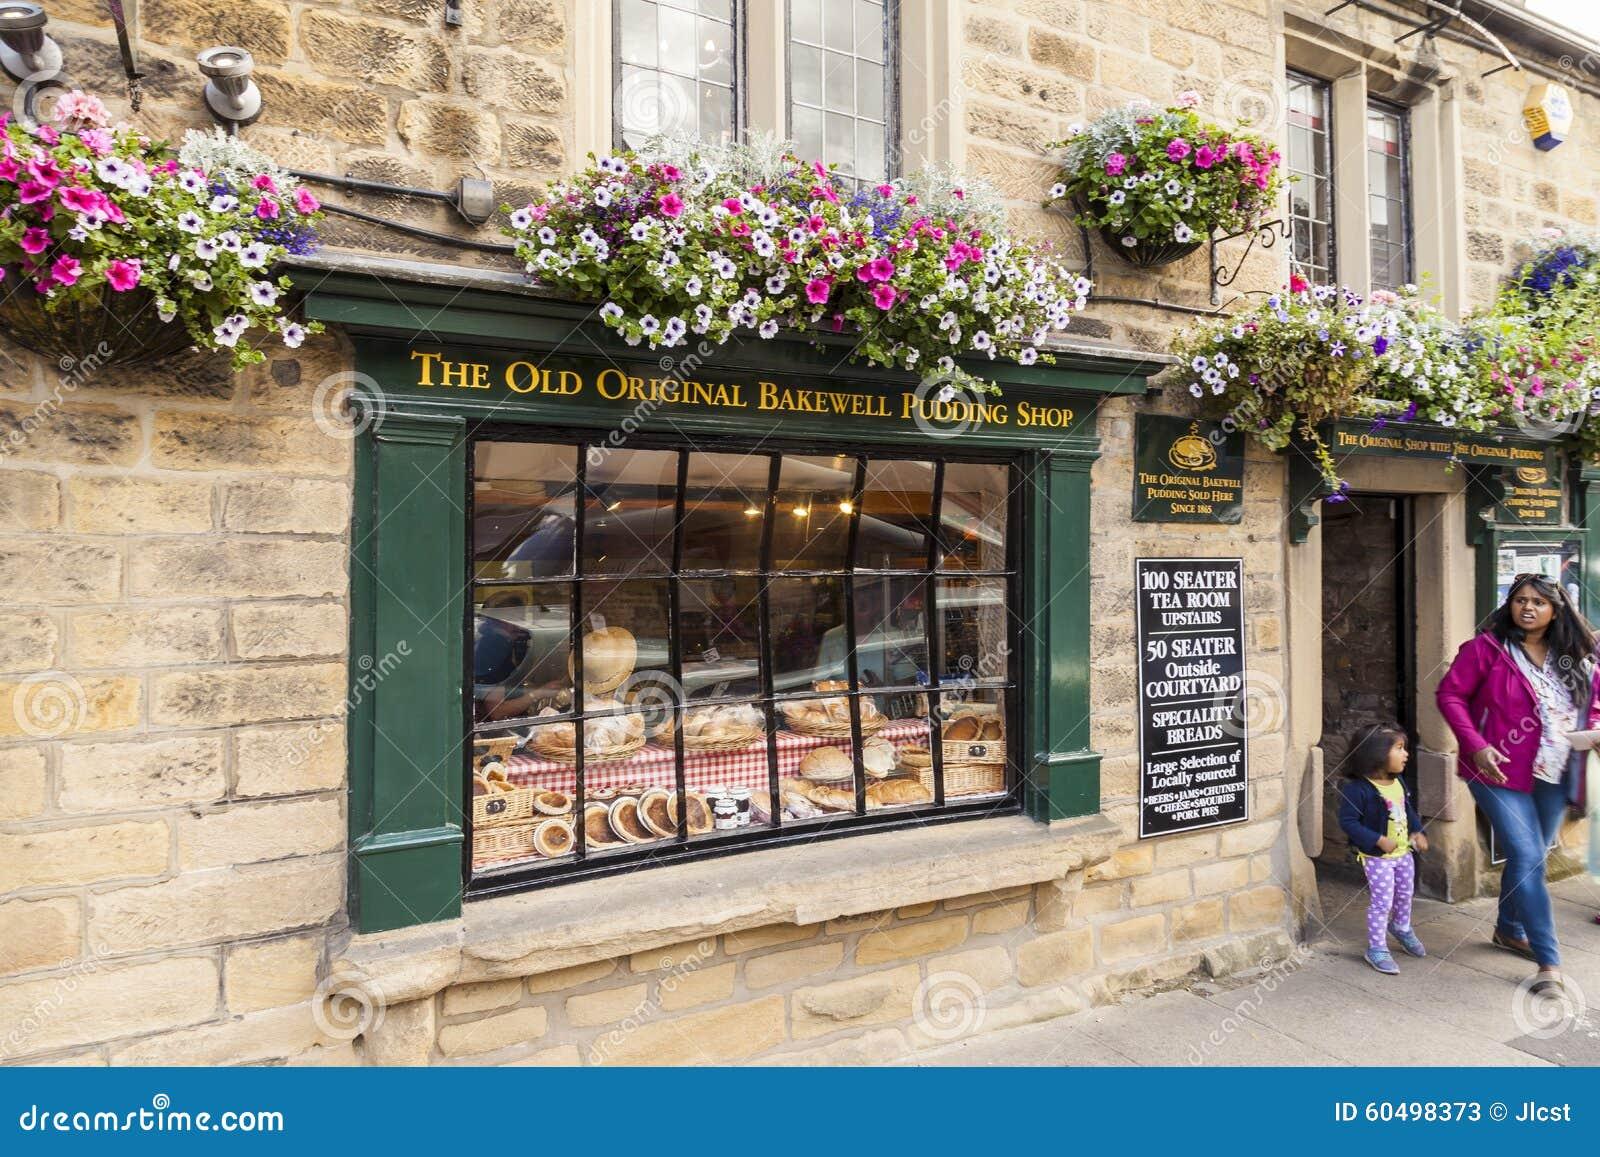 Bakewell, Derbyshire, England - 19. Juli 2015: Der alte ursprüngliche Bakewell-Pudding-Shop, Bakewell Derbyshire, England, Verein